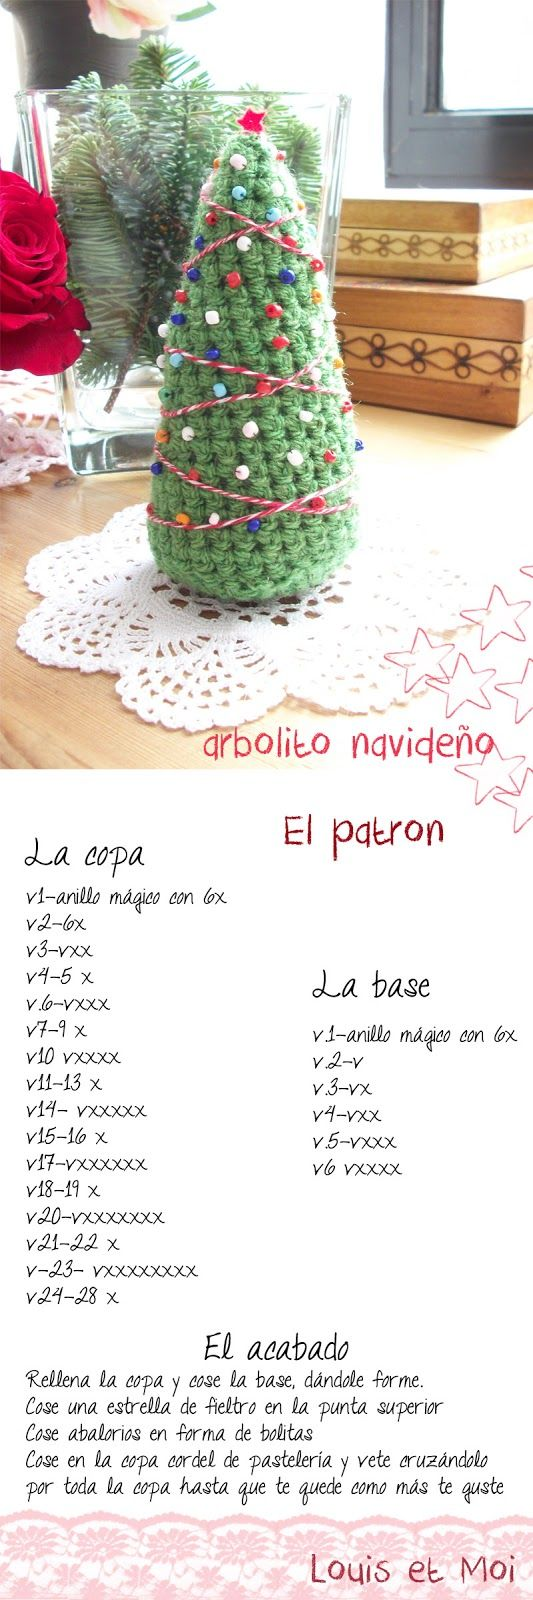 Louis et Moi (cosen y hacen crochet): Patrón de árbol de Navidad de amigurumi